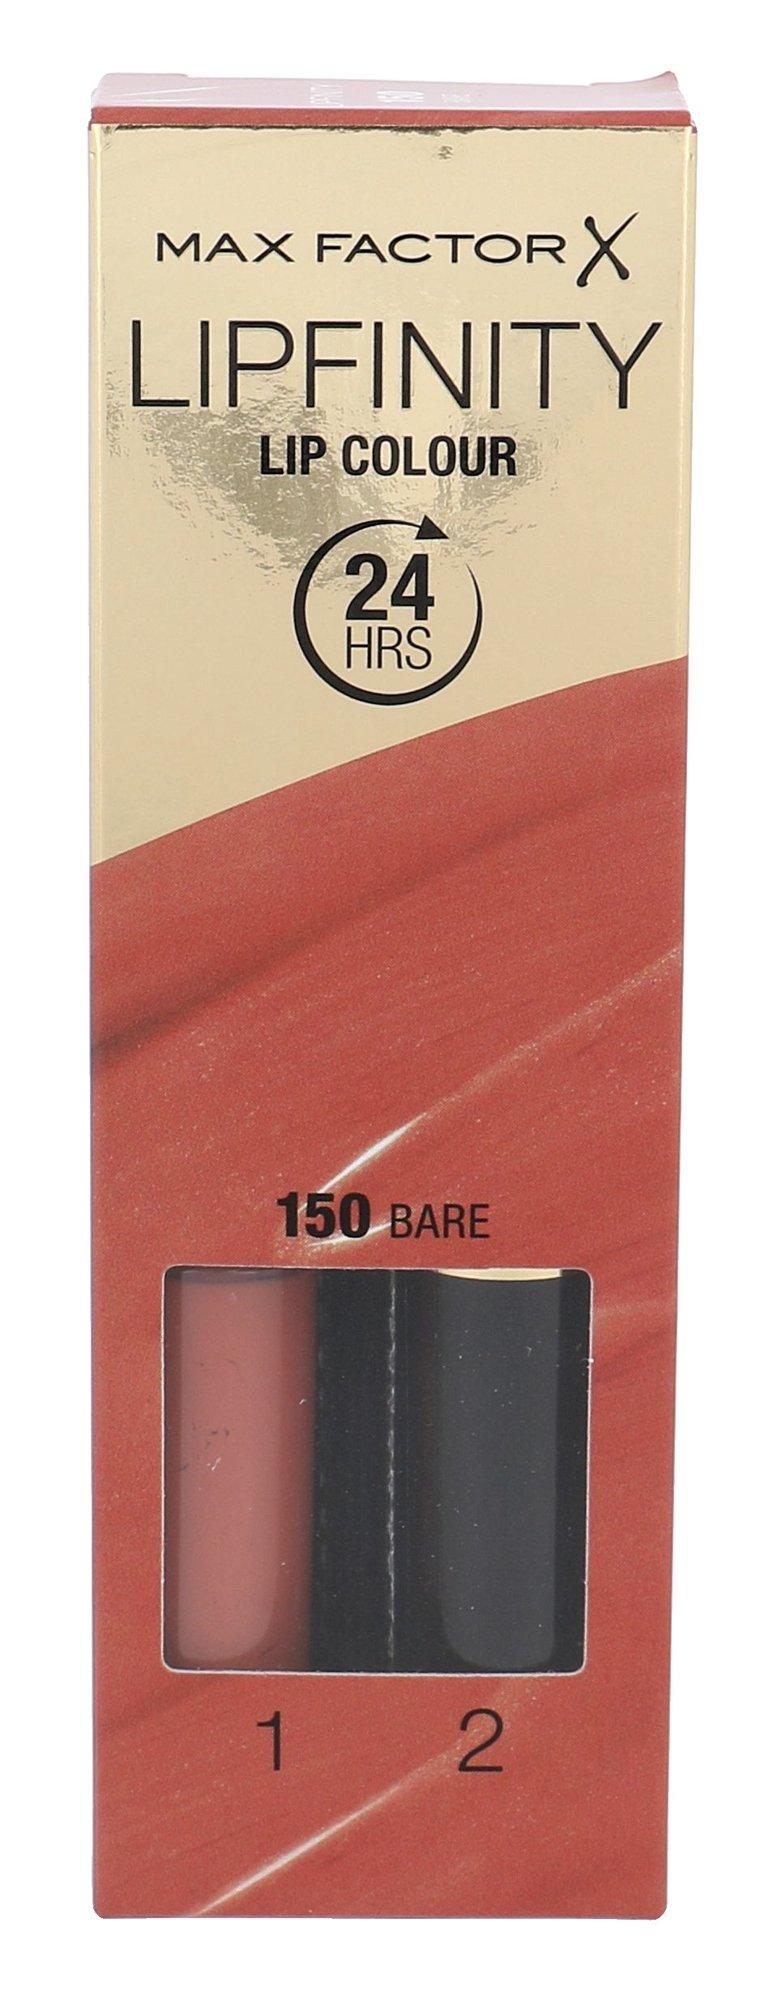 Max Factor Lipfinity Cosmetic 4,2ml 150 Bare